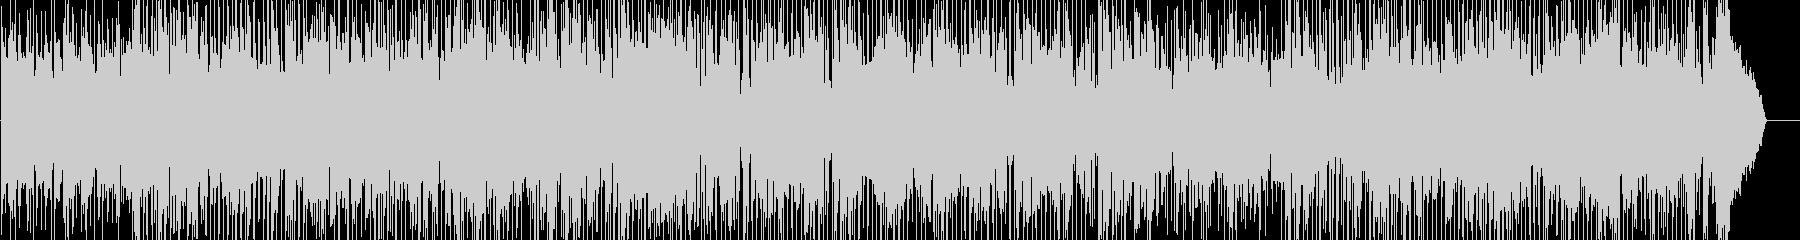 サックスメインのしっとりしたフュージョンの未再生の波形